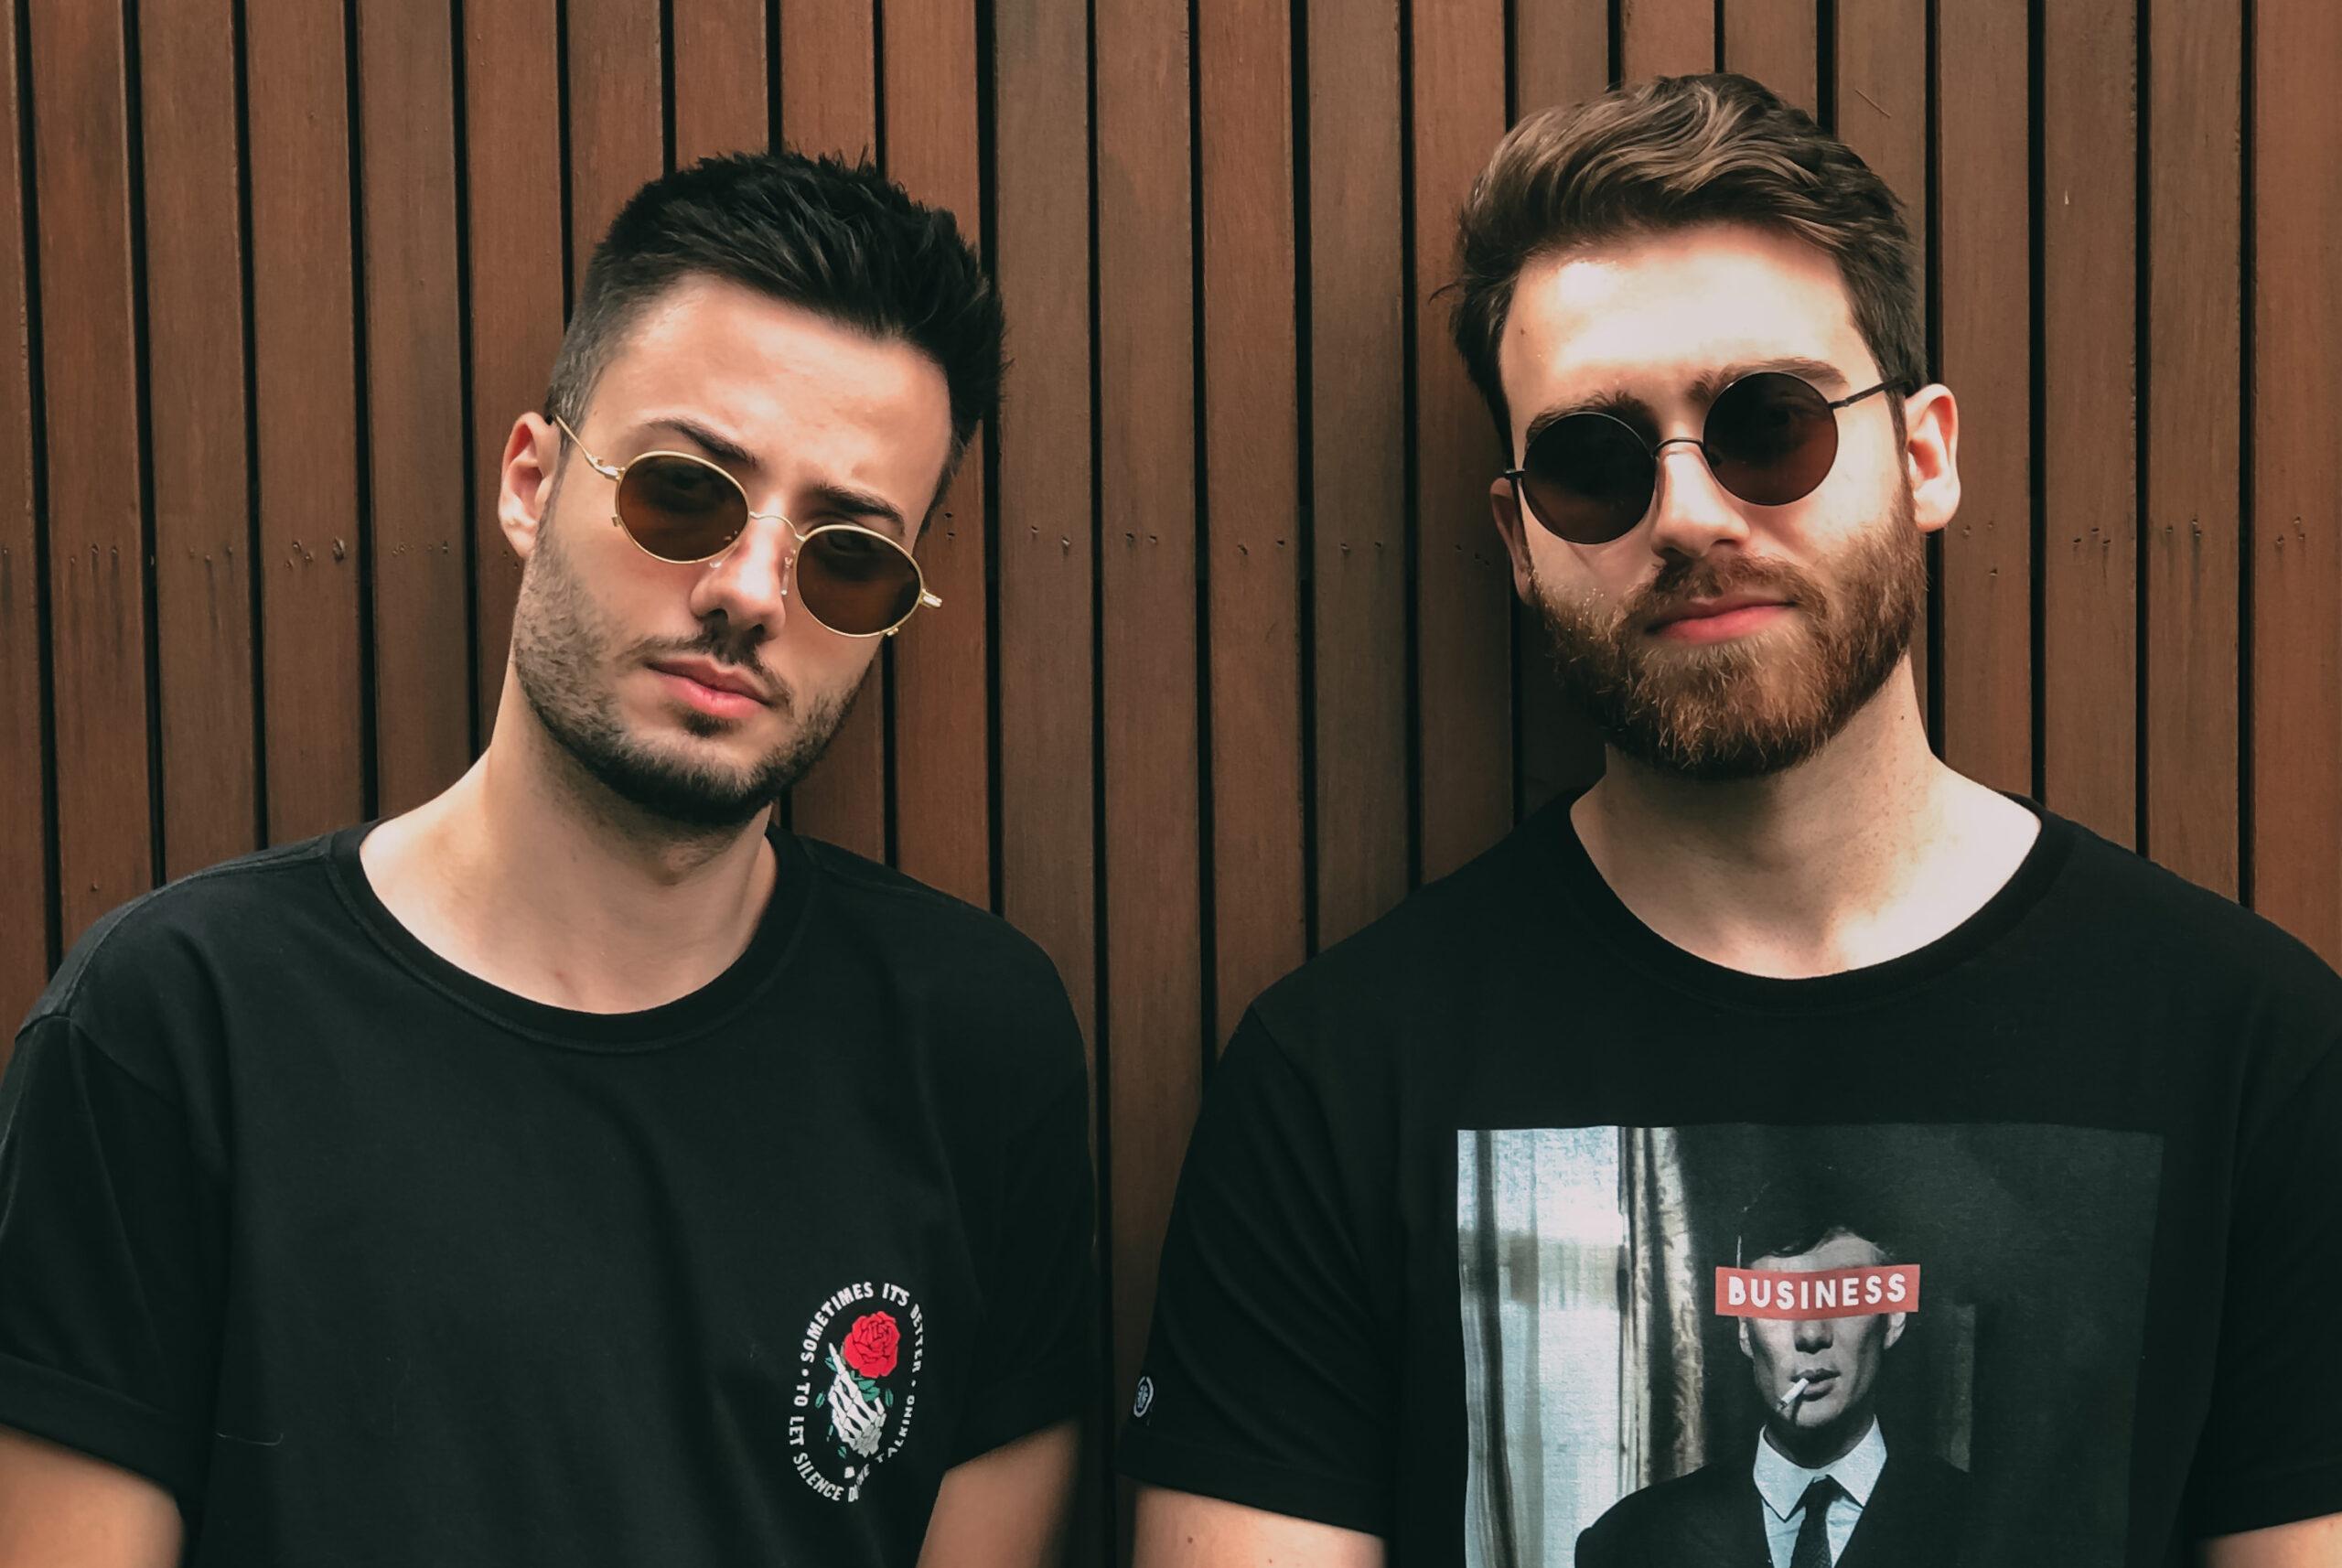 Machine lançada pelo selo É Grave é a última novidade do duo INNDRIVE scaled